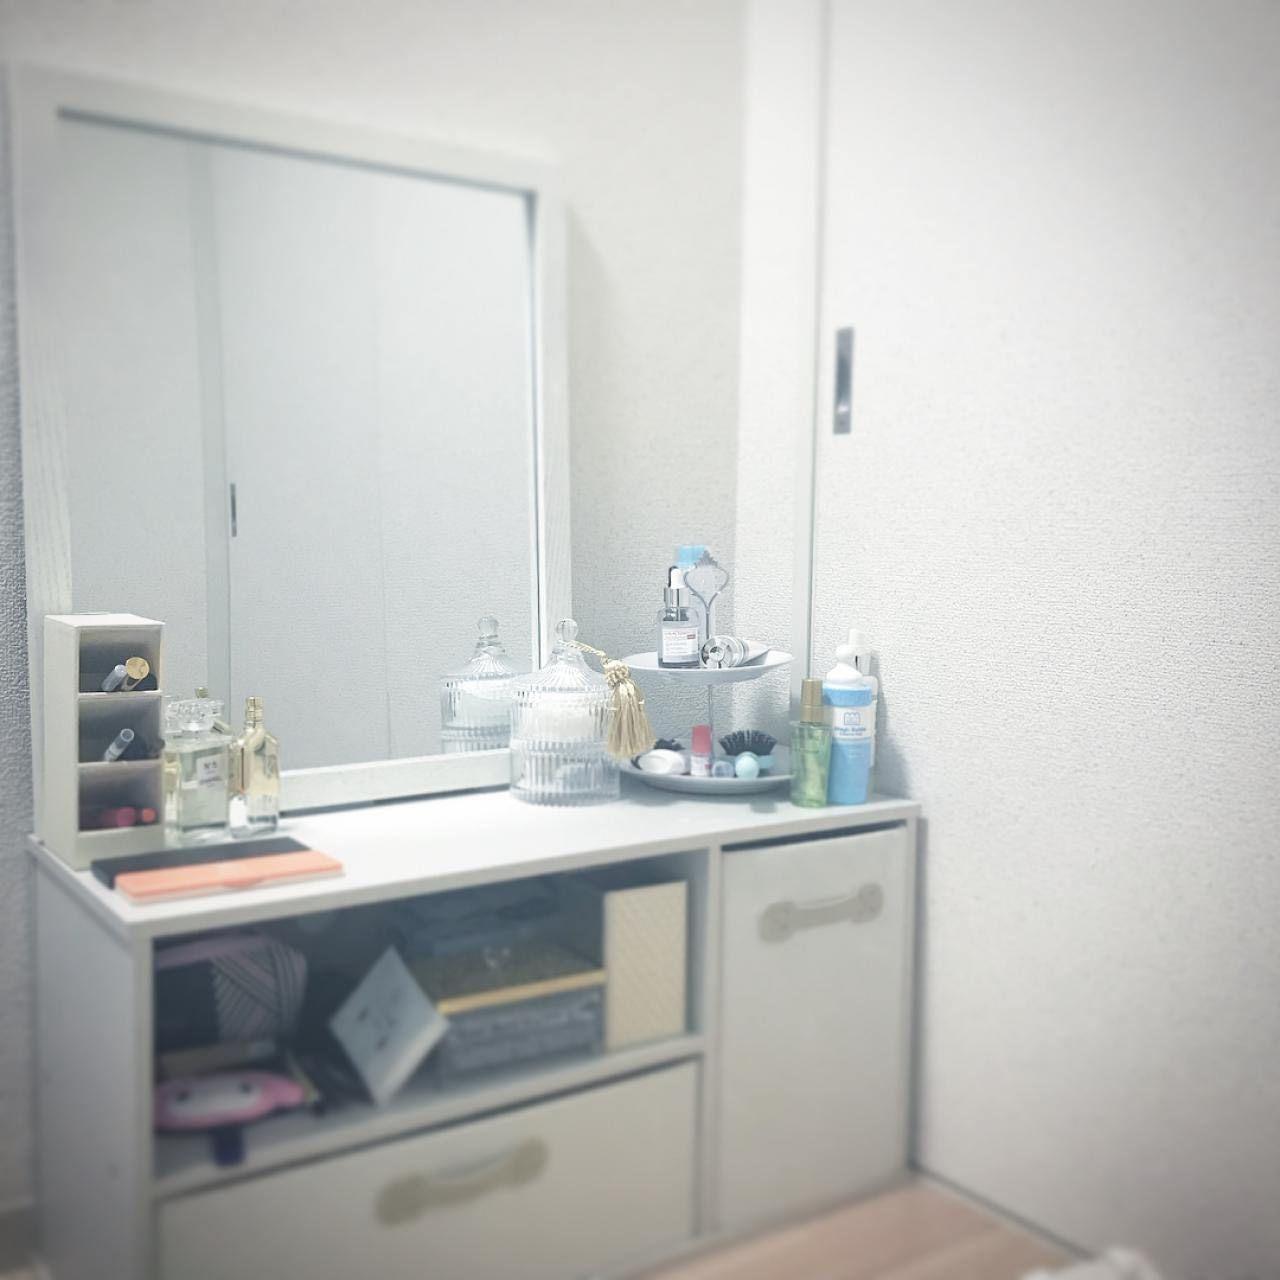 Photo of おしゃれ・可愛い・使いやすい♡簡単にできる魅せる『コスメ収納法』紹介!|MAKEY [メイキー]